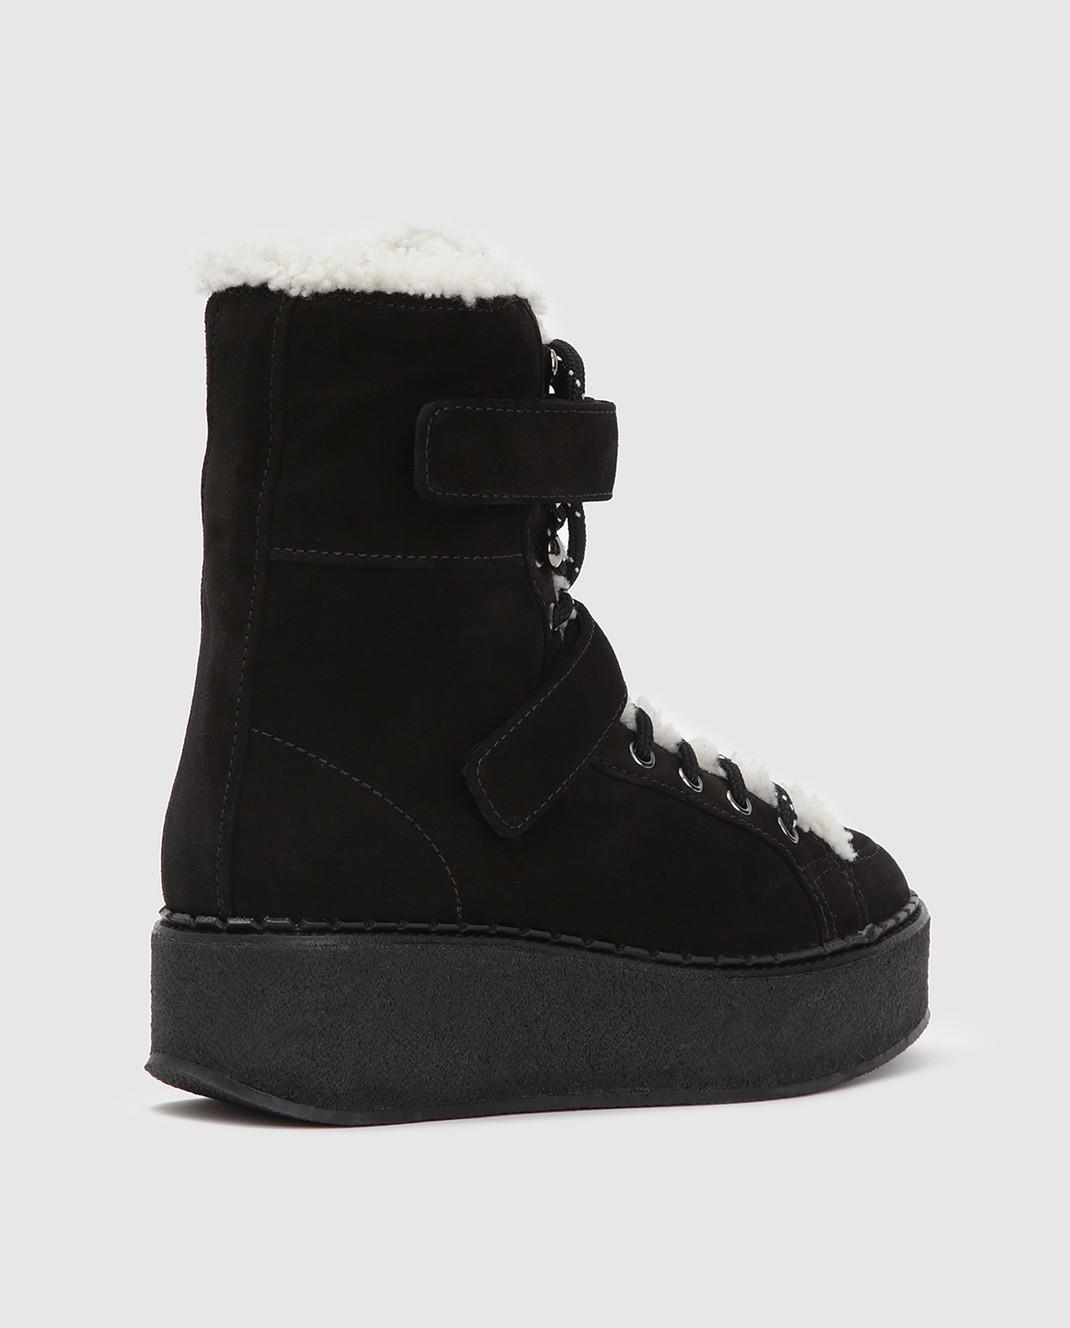 Moncler Черные замшевые ботинки 20482 изображение 4